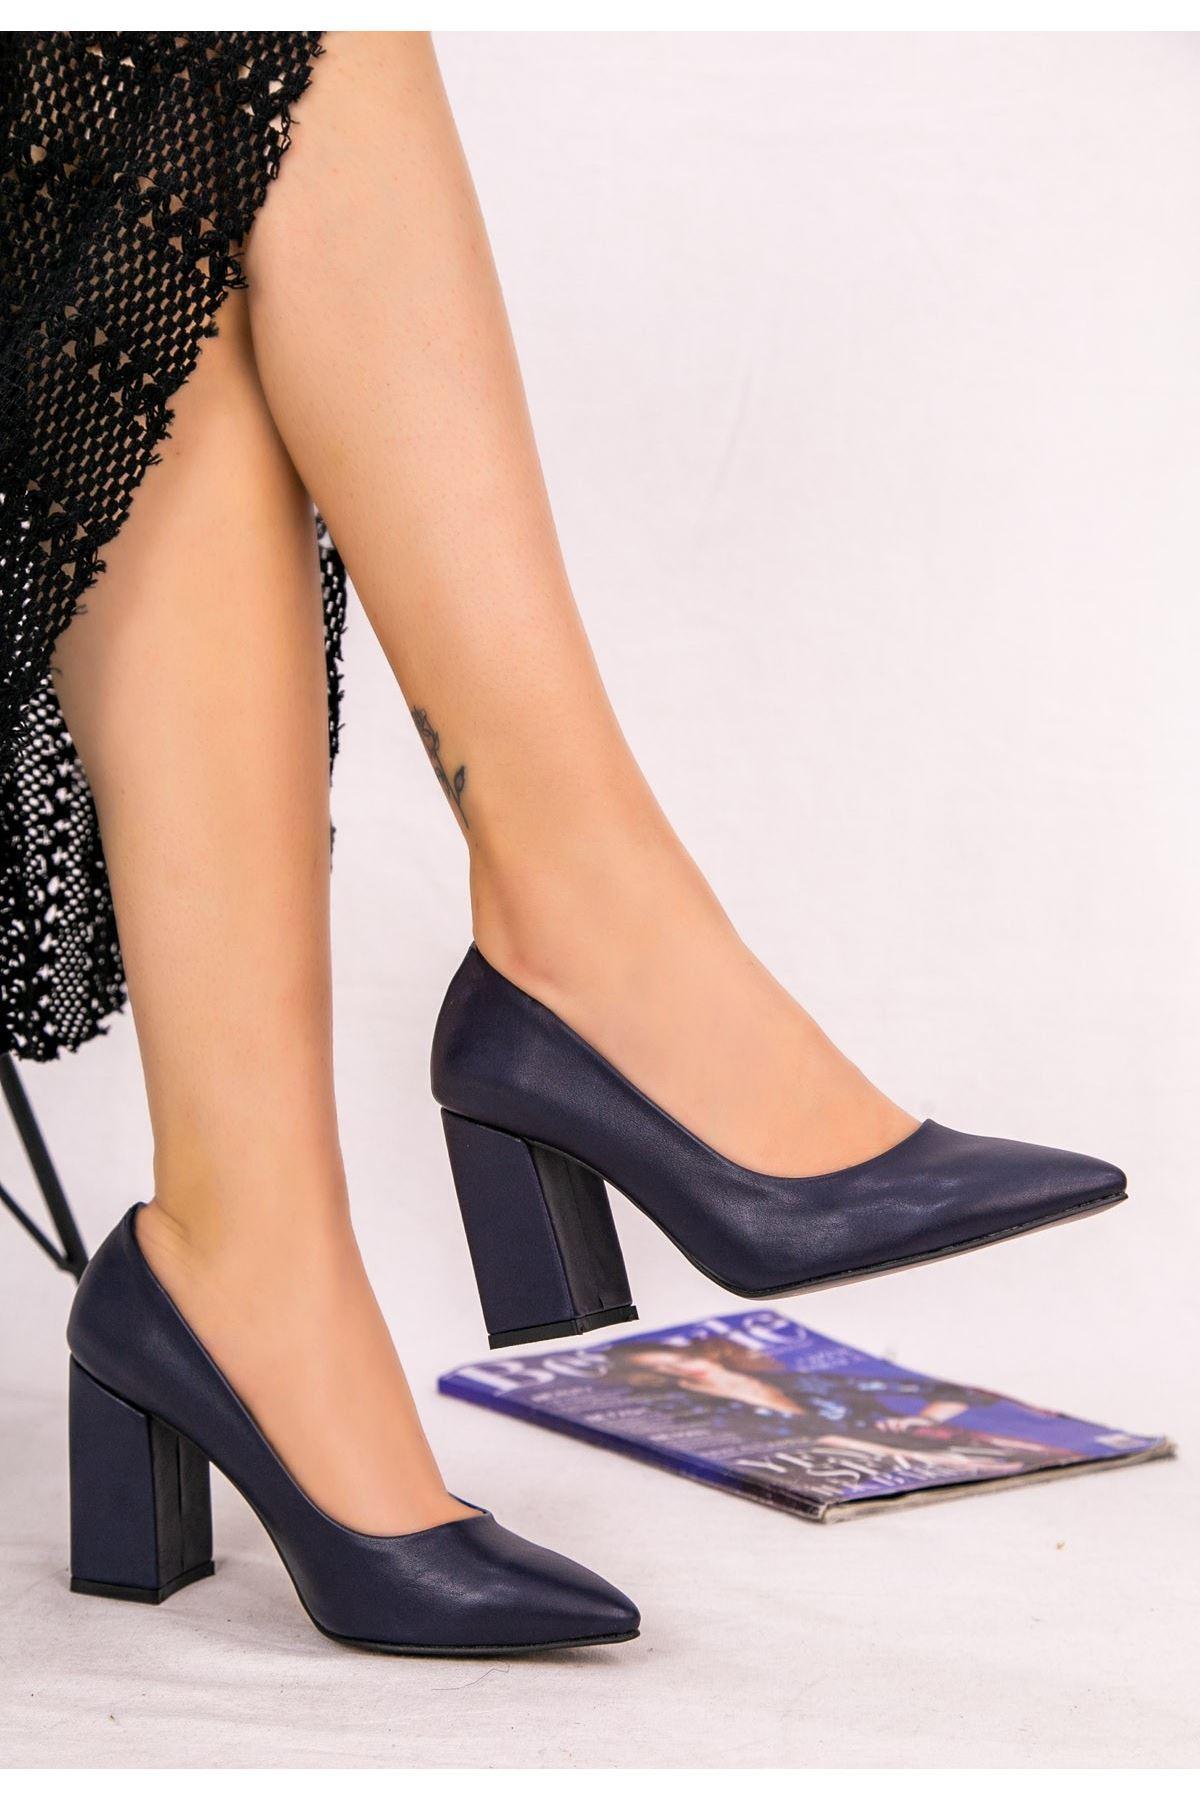 Sest Lacivert Cilt Topuklu Ayakkabı